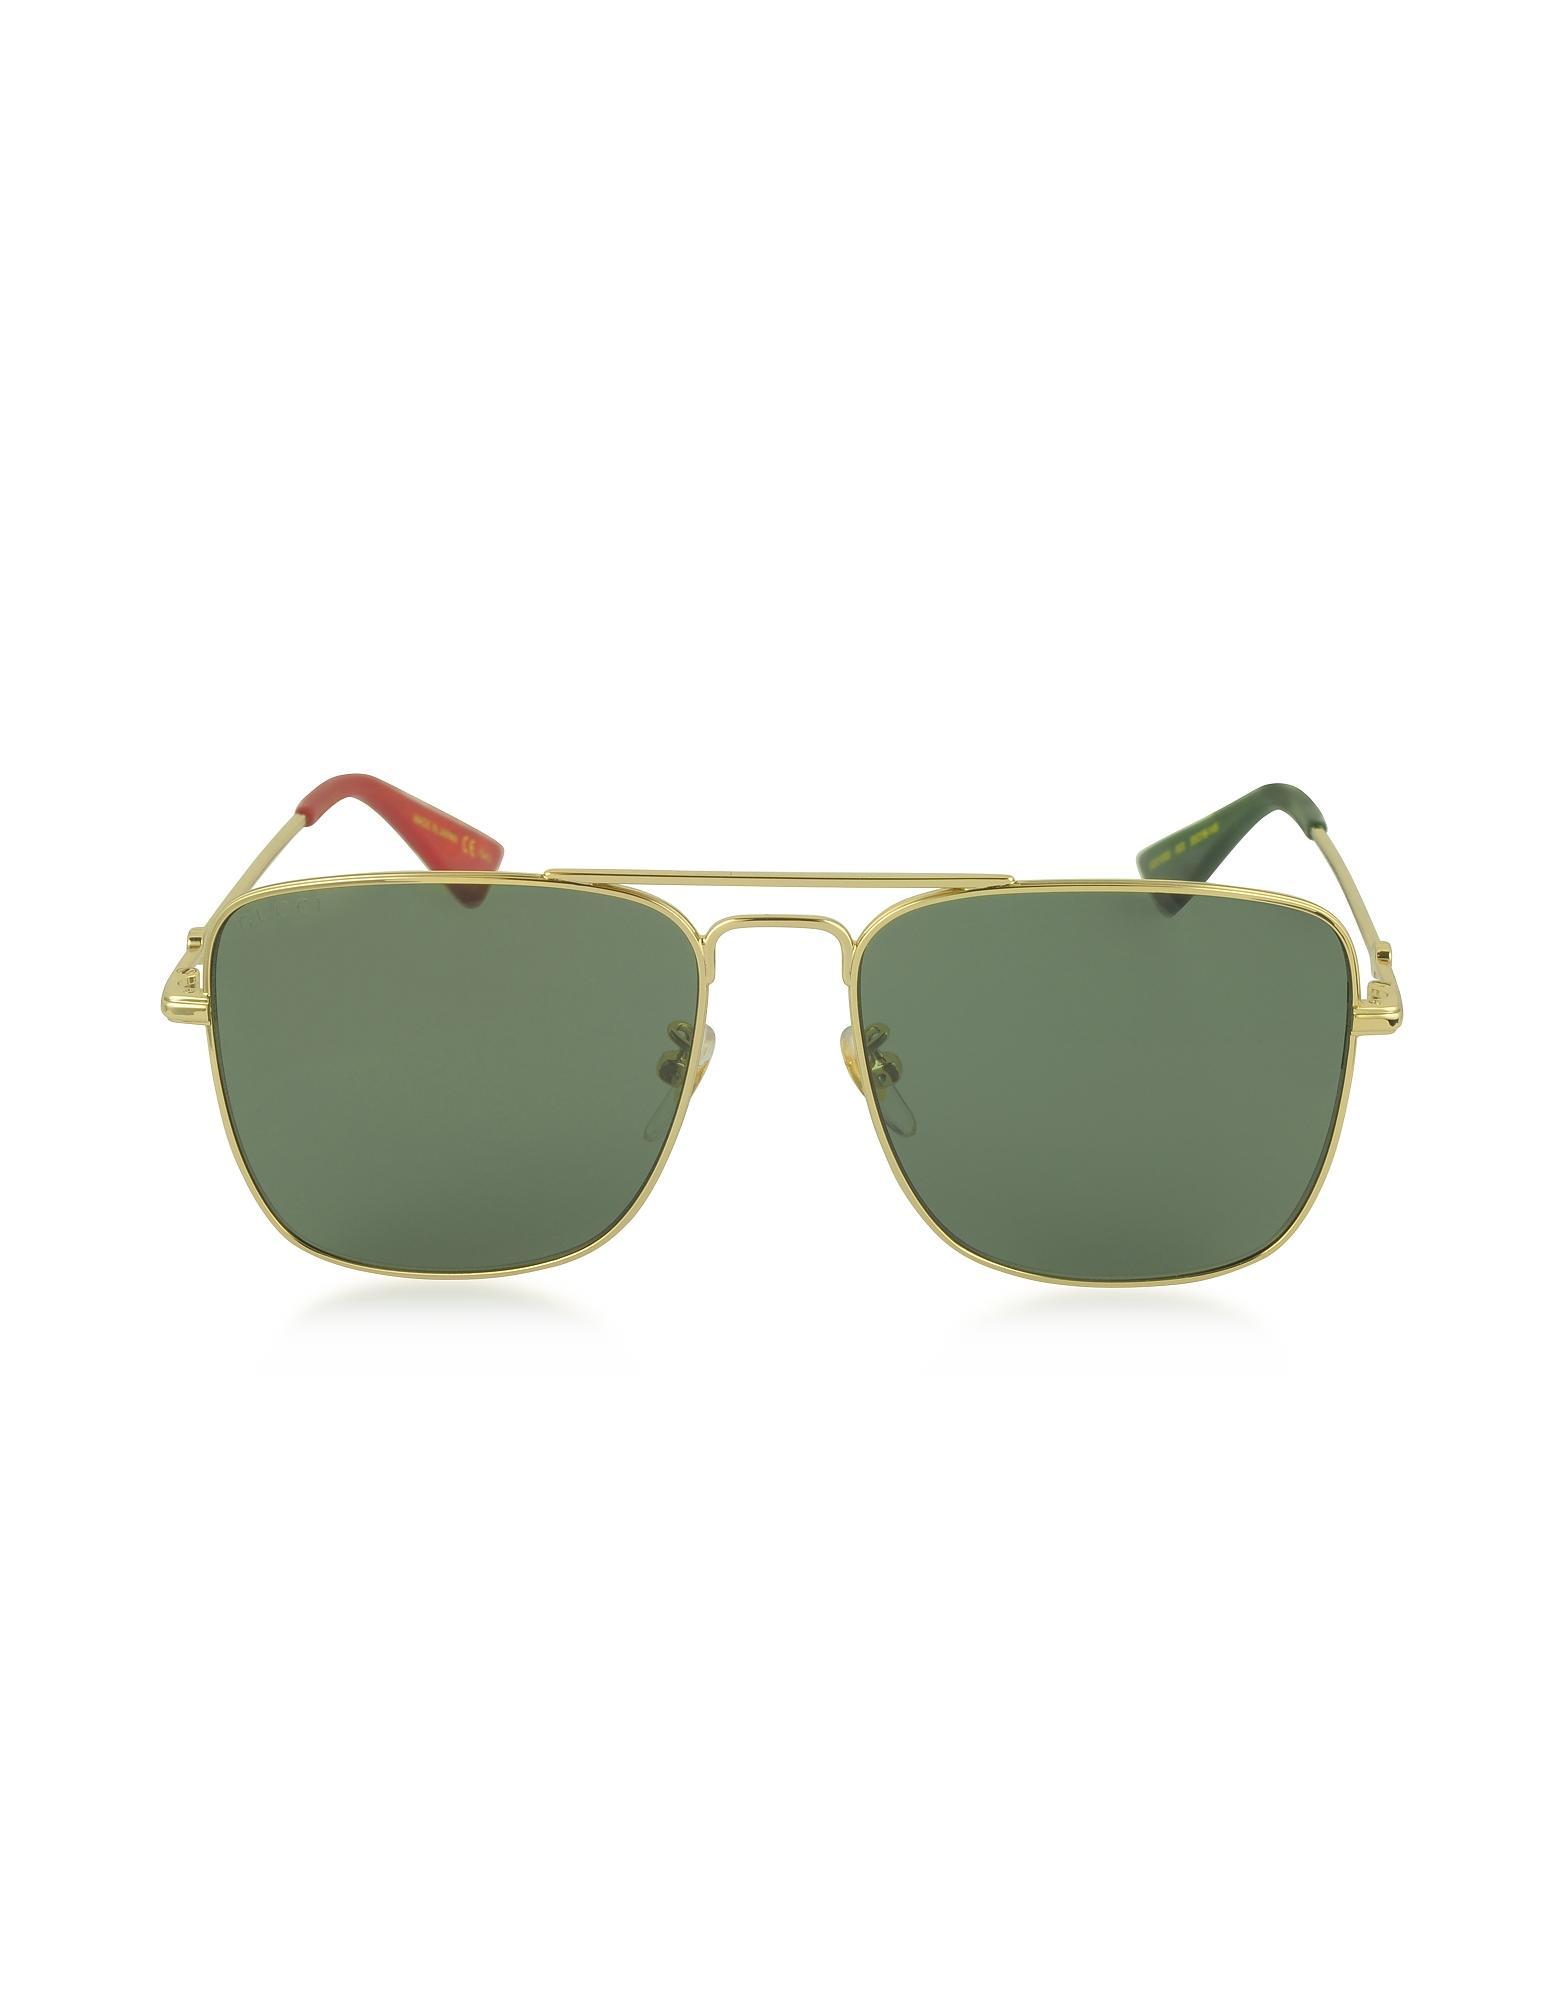 75538f93676 Gucci GG0108S Gold Metal Square Aviator Men s Sunglasses in Green ...